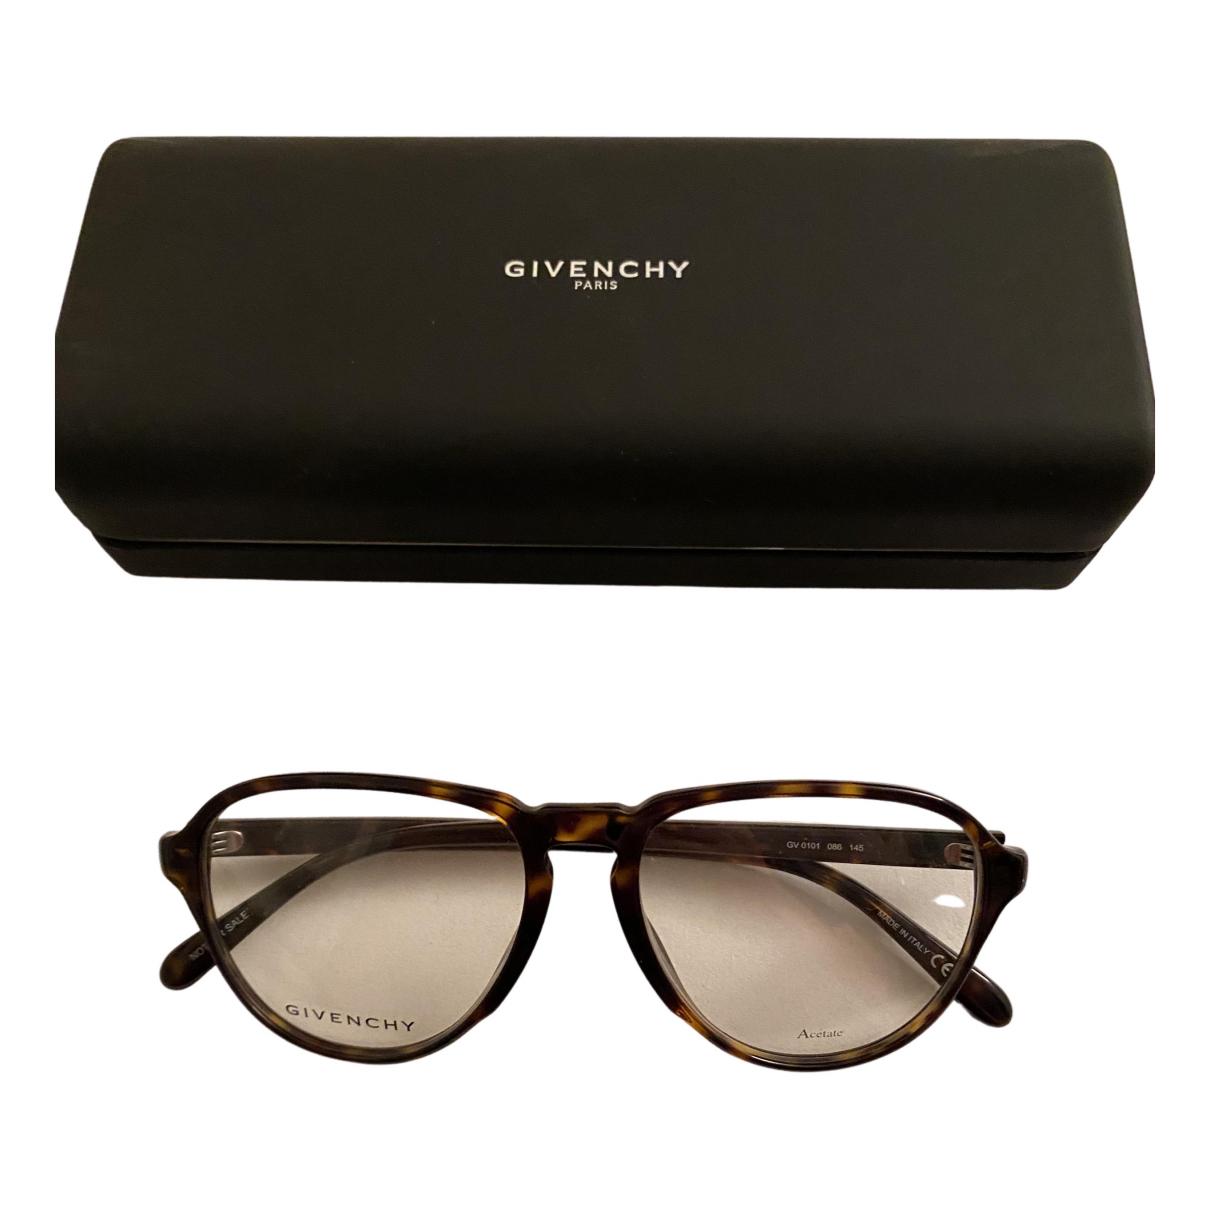 Givenchy - Lunettes   pour homme - marron